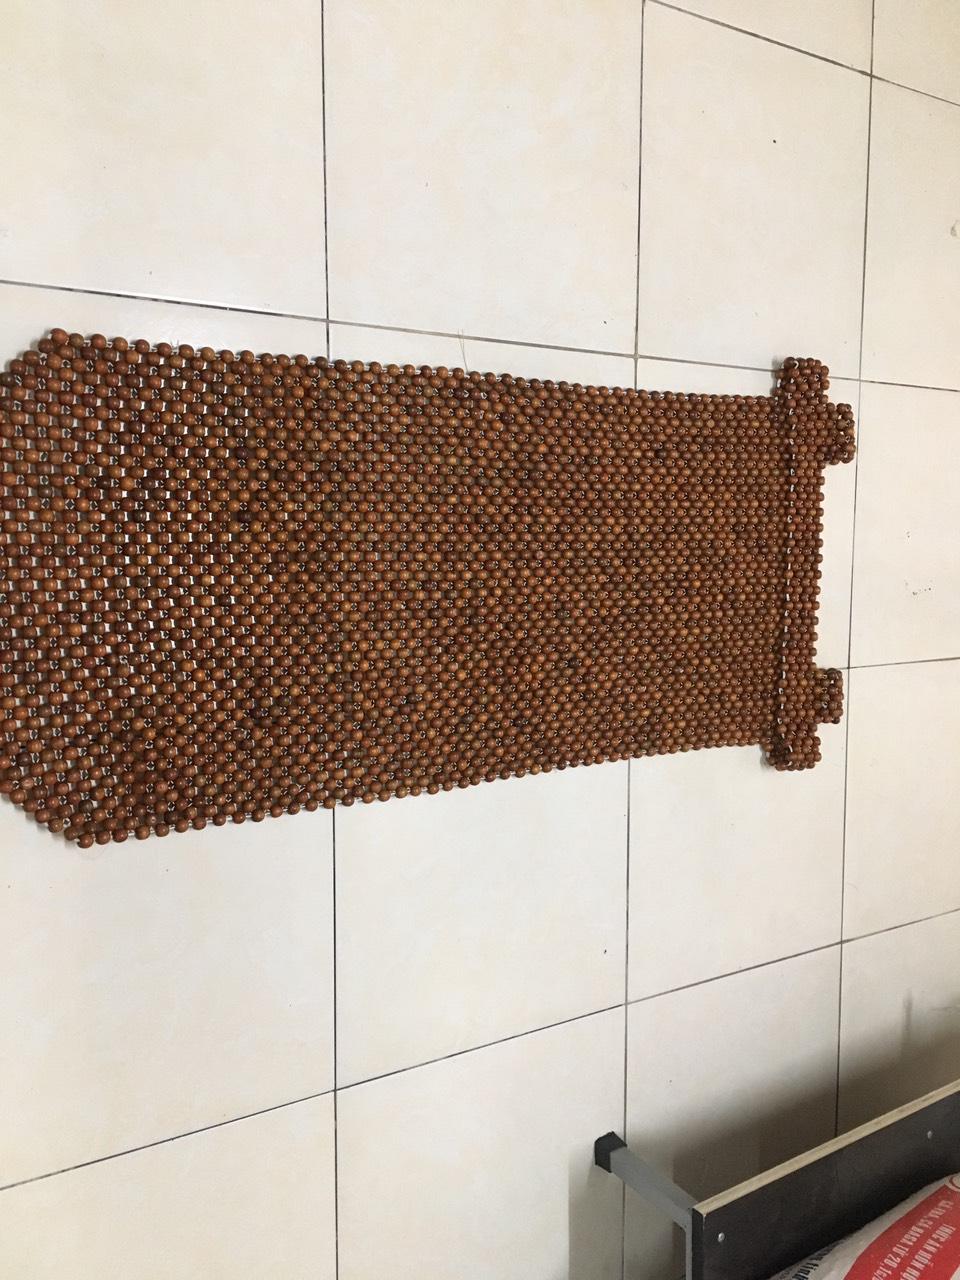 Đệm lót ghế ô tô hạt gỗ hương mộc 1,2cm ( hình thật ) - Miếng lót ghế ô tô , Miếng tựa lưng cho ghế ô tô dùng cho mùa hè mát , mùa đông ấm